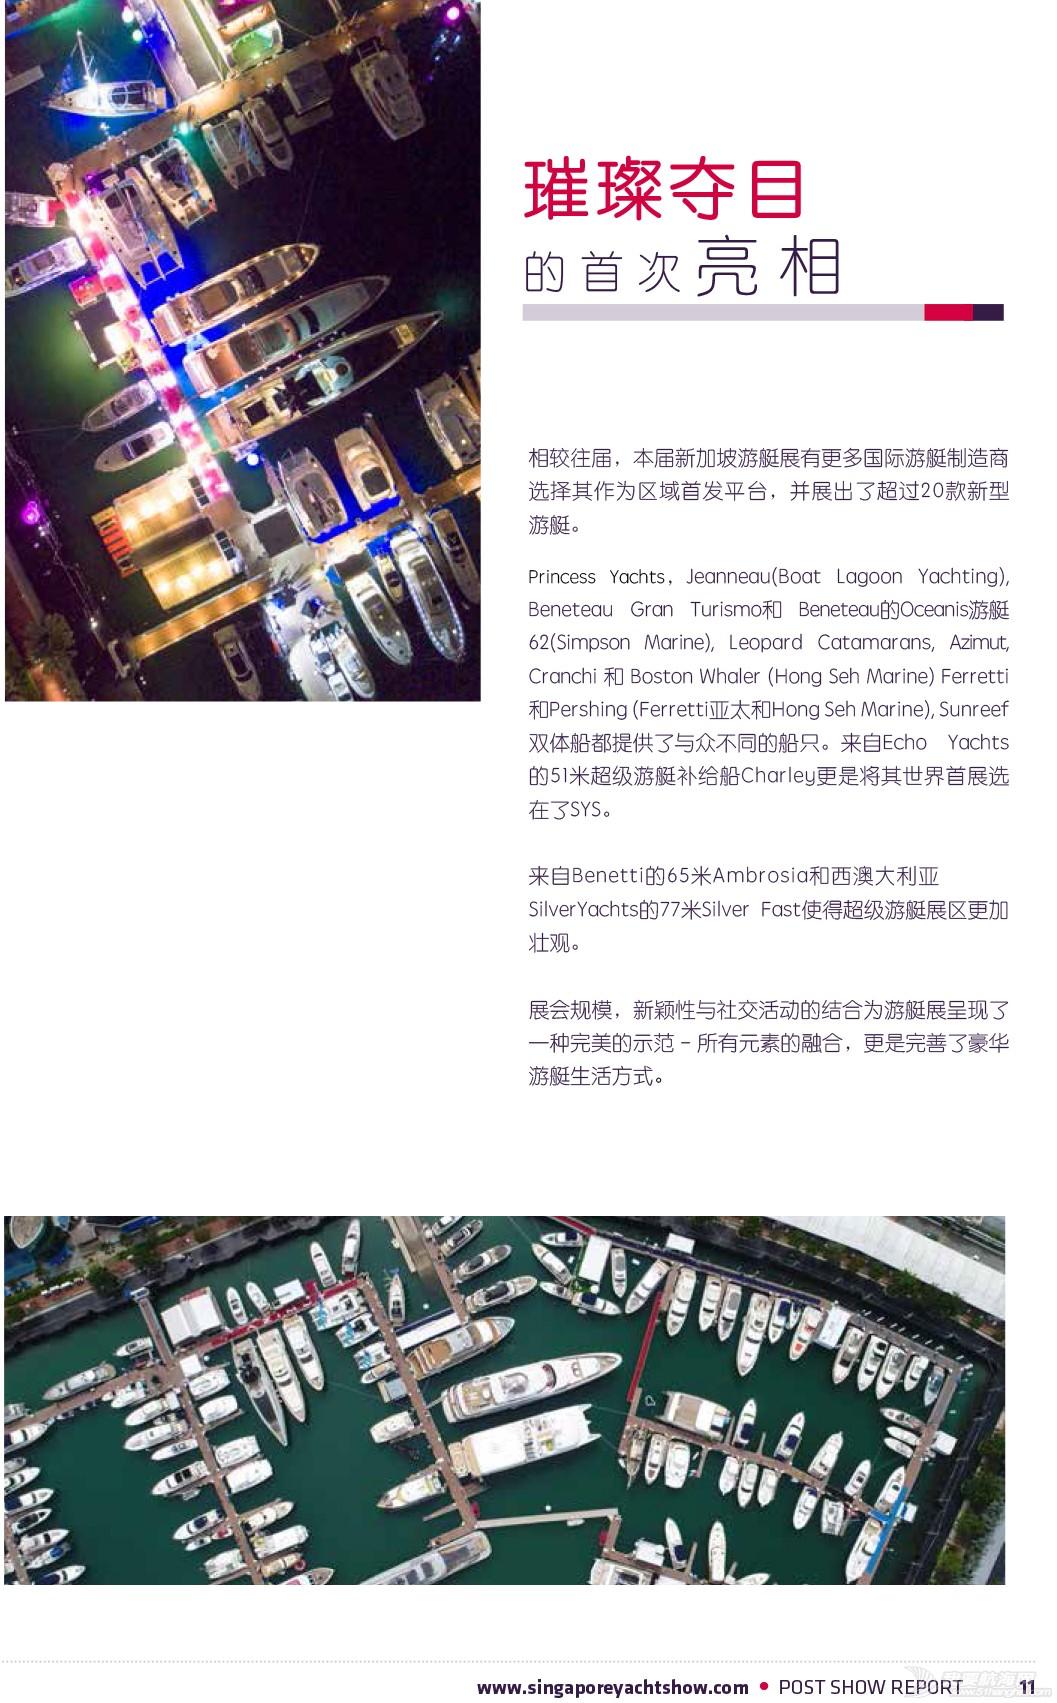 新加坡游艇展2017报告-11.jpg